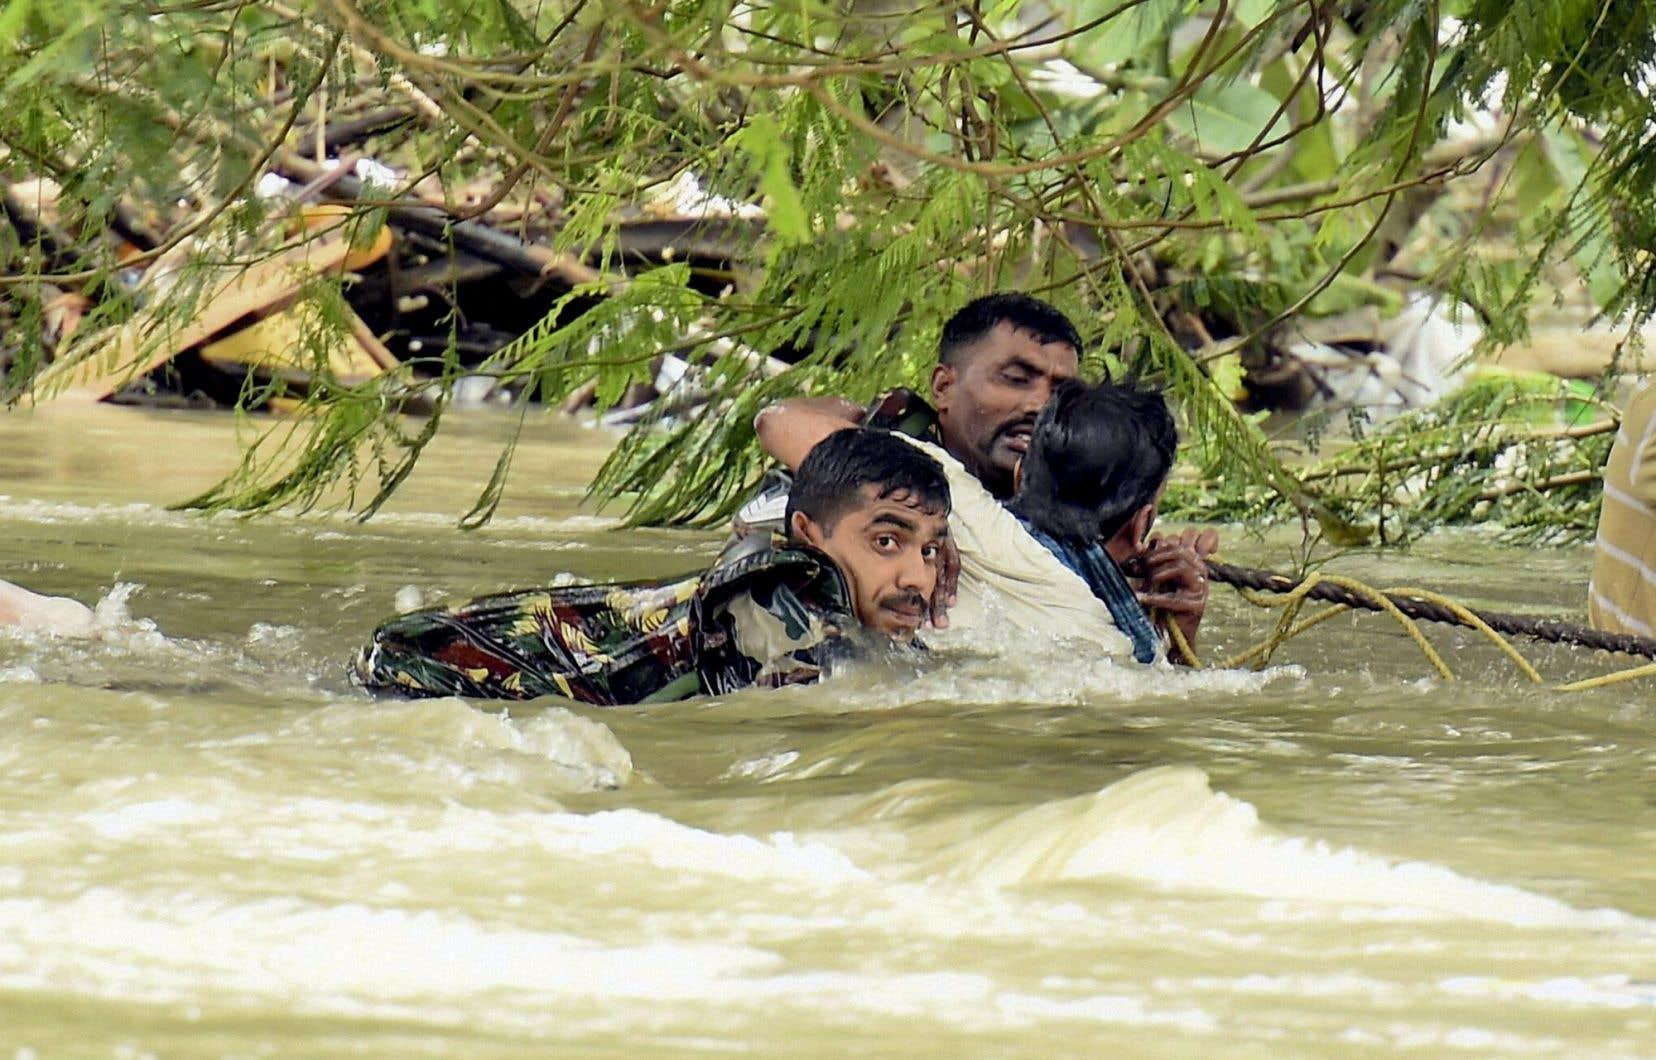 Le sud de l'Inde reçoit des pluies records cette année. Jeudi, les autorités portaient secours à des habitants coincés par les eaux. Le premier ministre Narendra Modi a cité les inondations parmi les conséquences des changements climatiques.